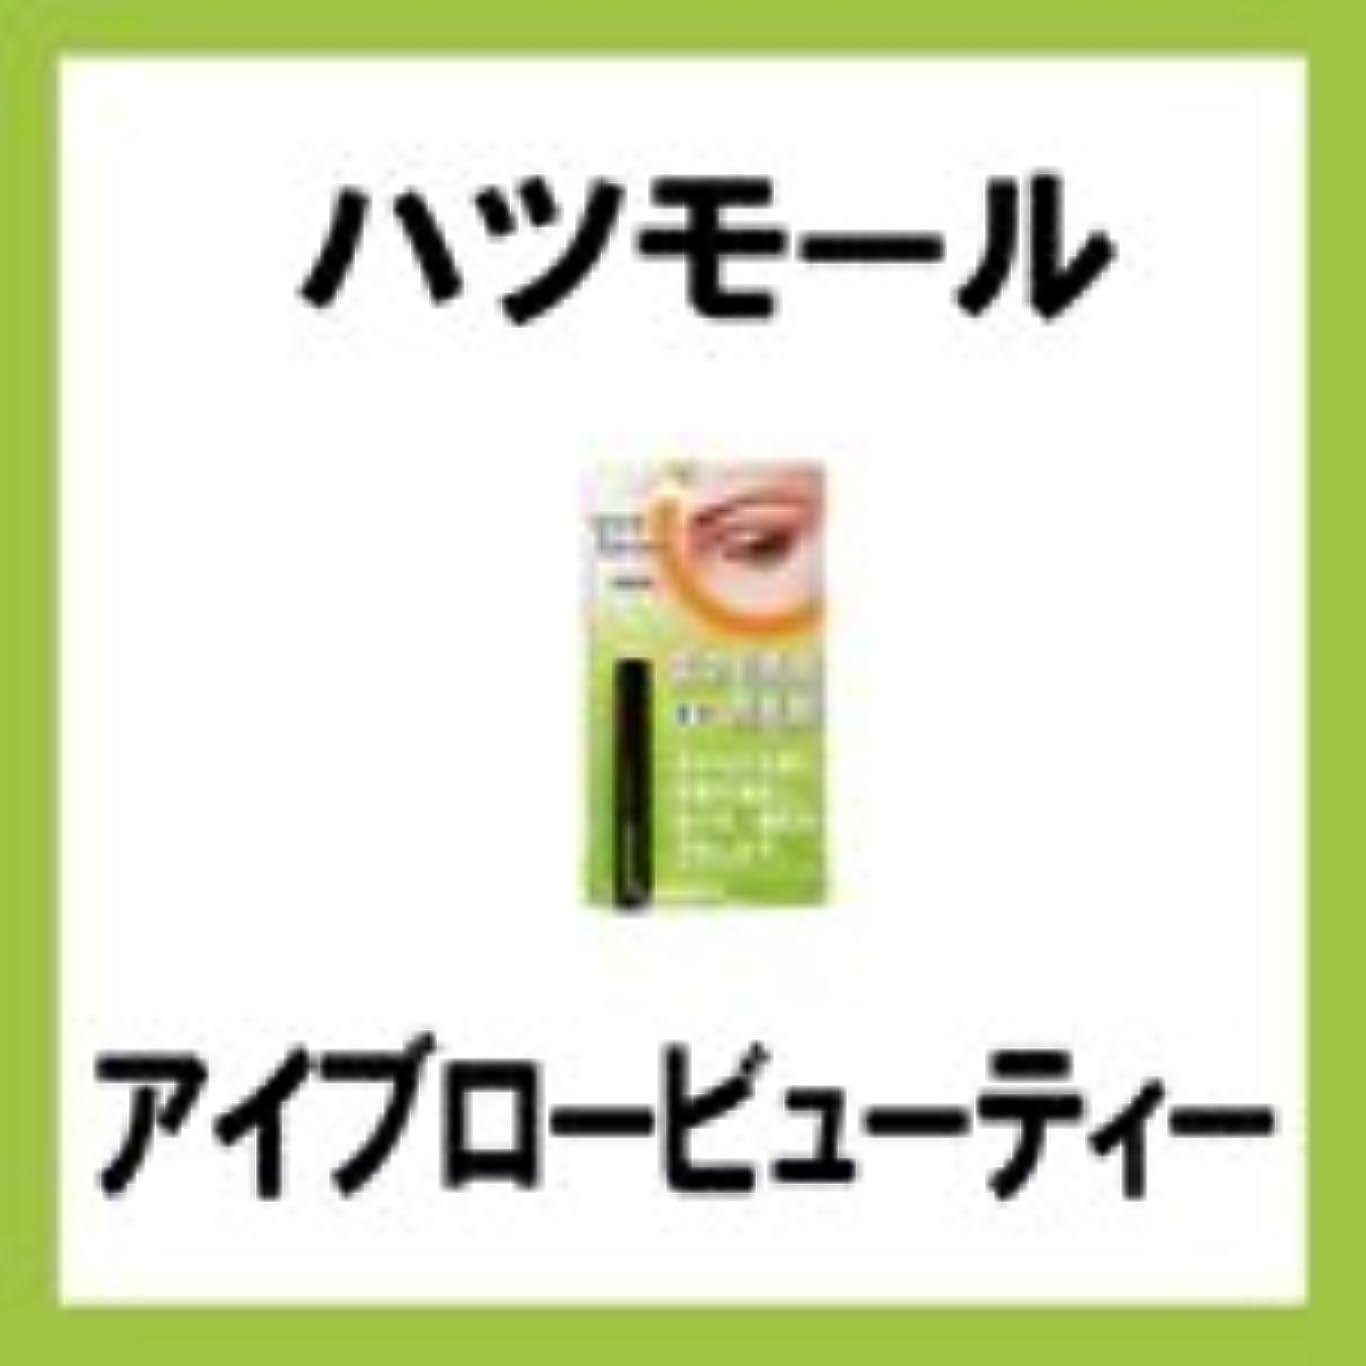 二百科事典ゴルフハツモール アイブロービューティー 6ml 【田村治照堂】